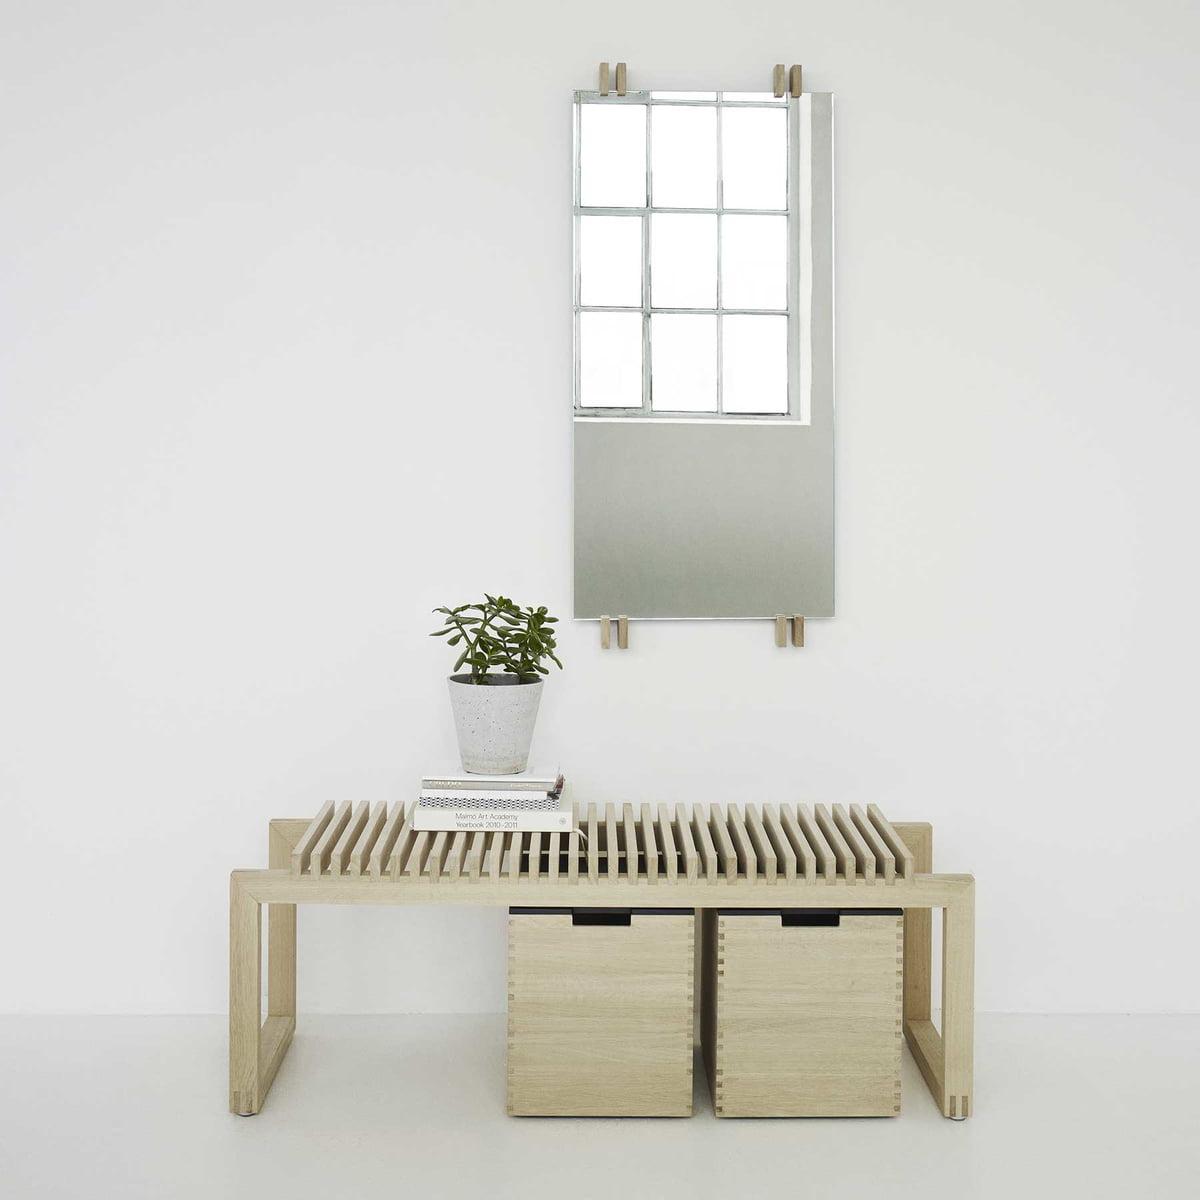 Miroir vertical cutter de skagerak connox for Miroir vertical